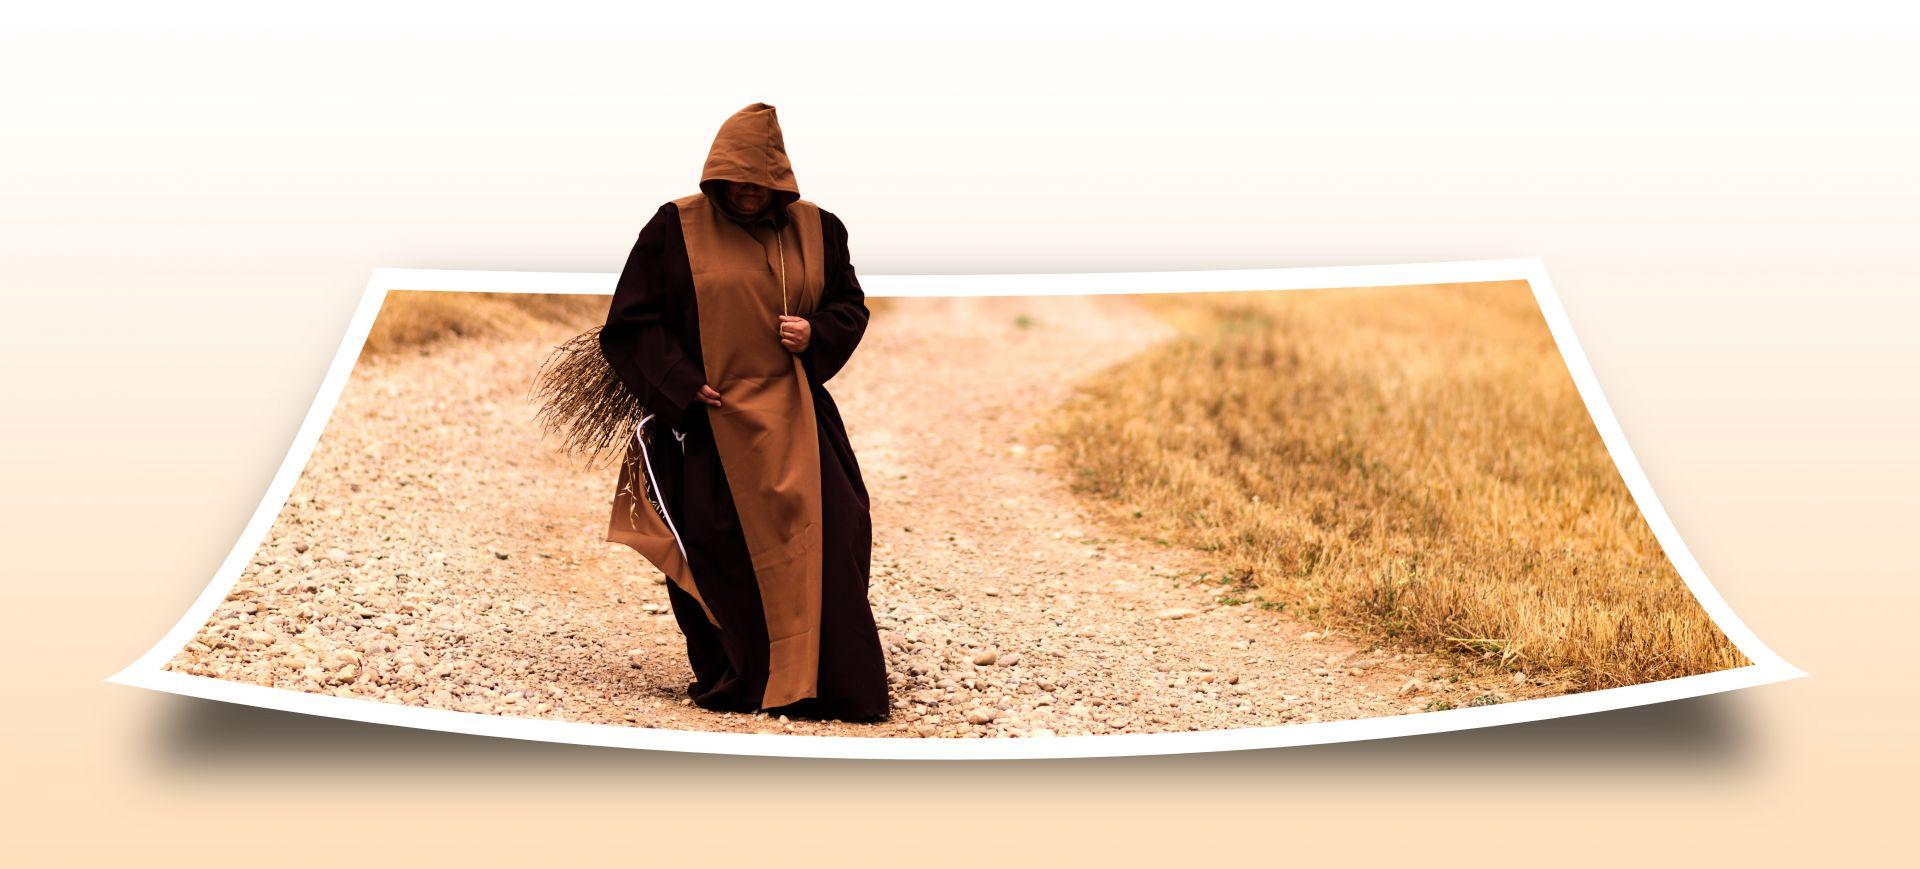 Munkinkaapuinen henkilö kävelee hiekkatietä, joka on valokuva eikä oikea tie.